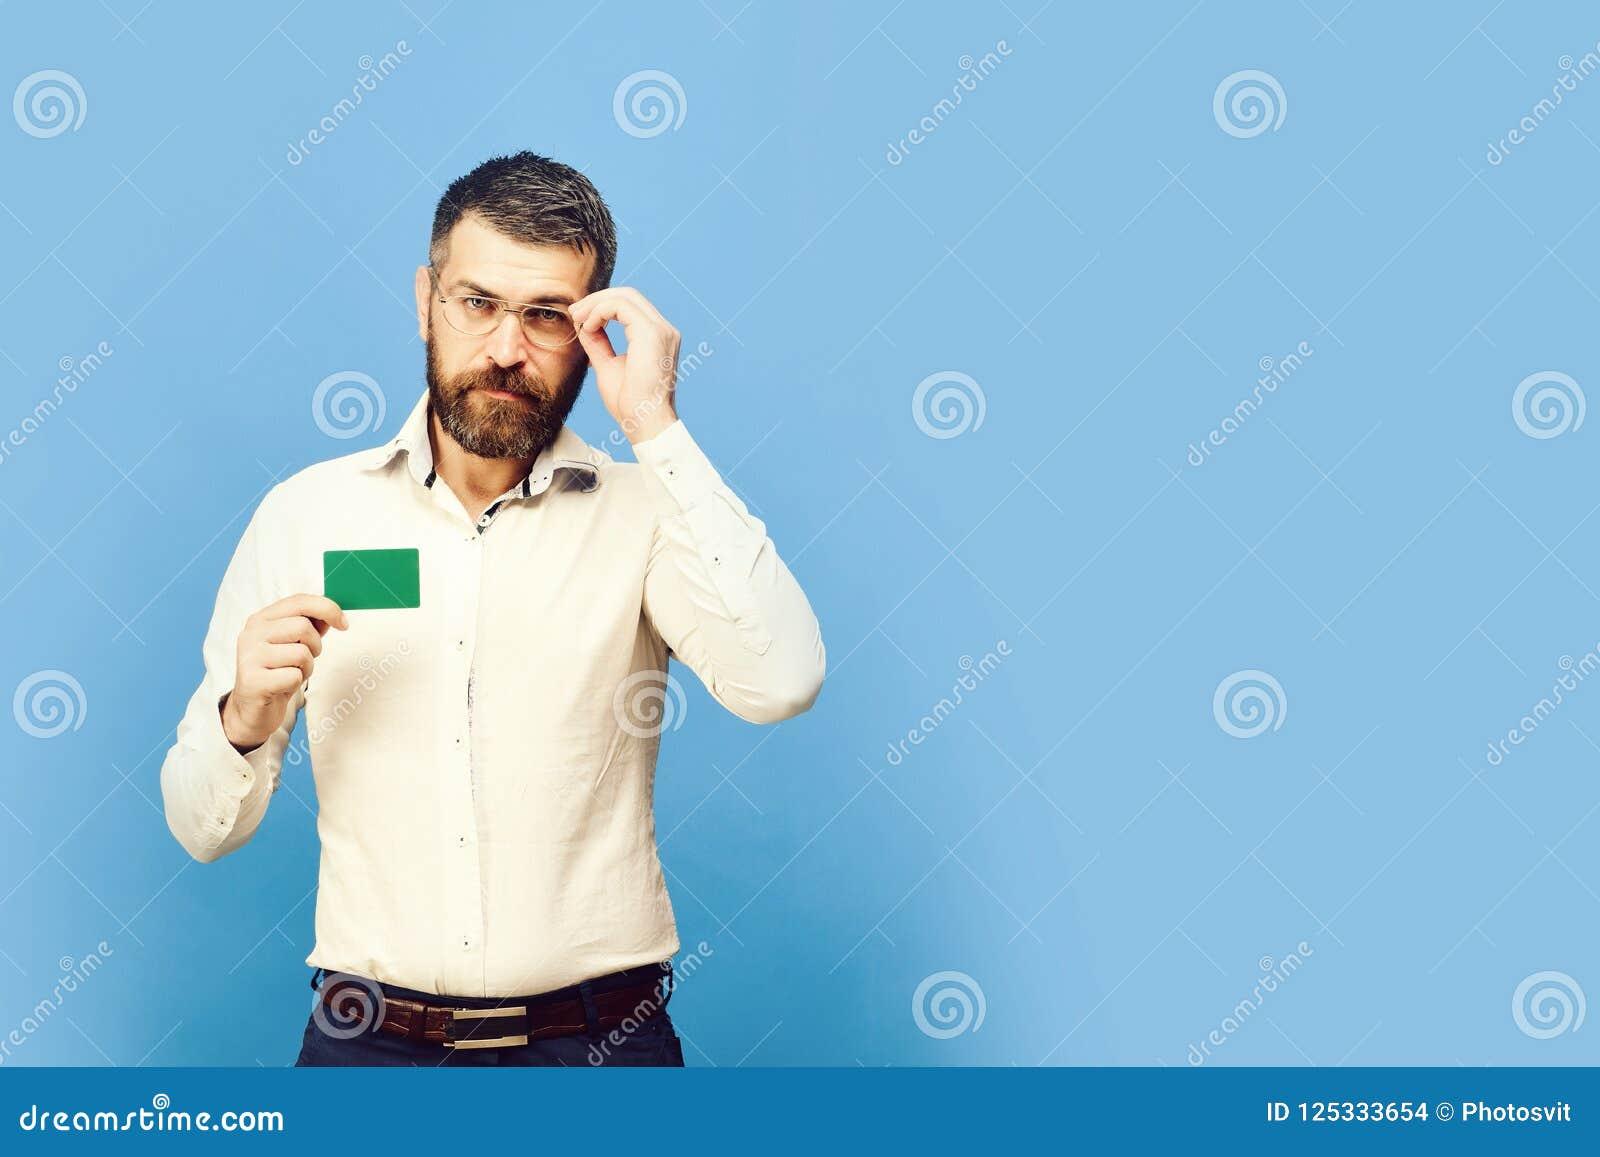 De mens met baard in wit overhemd houdt groen adreskaartje Kerel met slim die gezicht met glazen op blauwe achtergrond wordt geïs